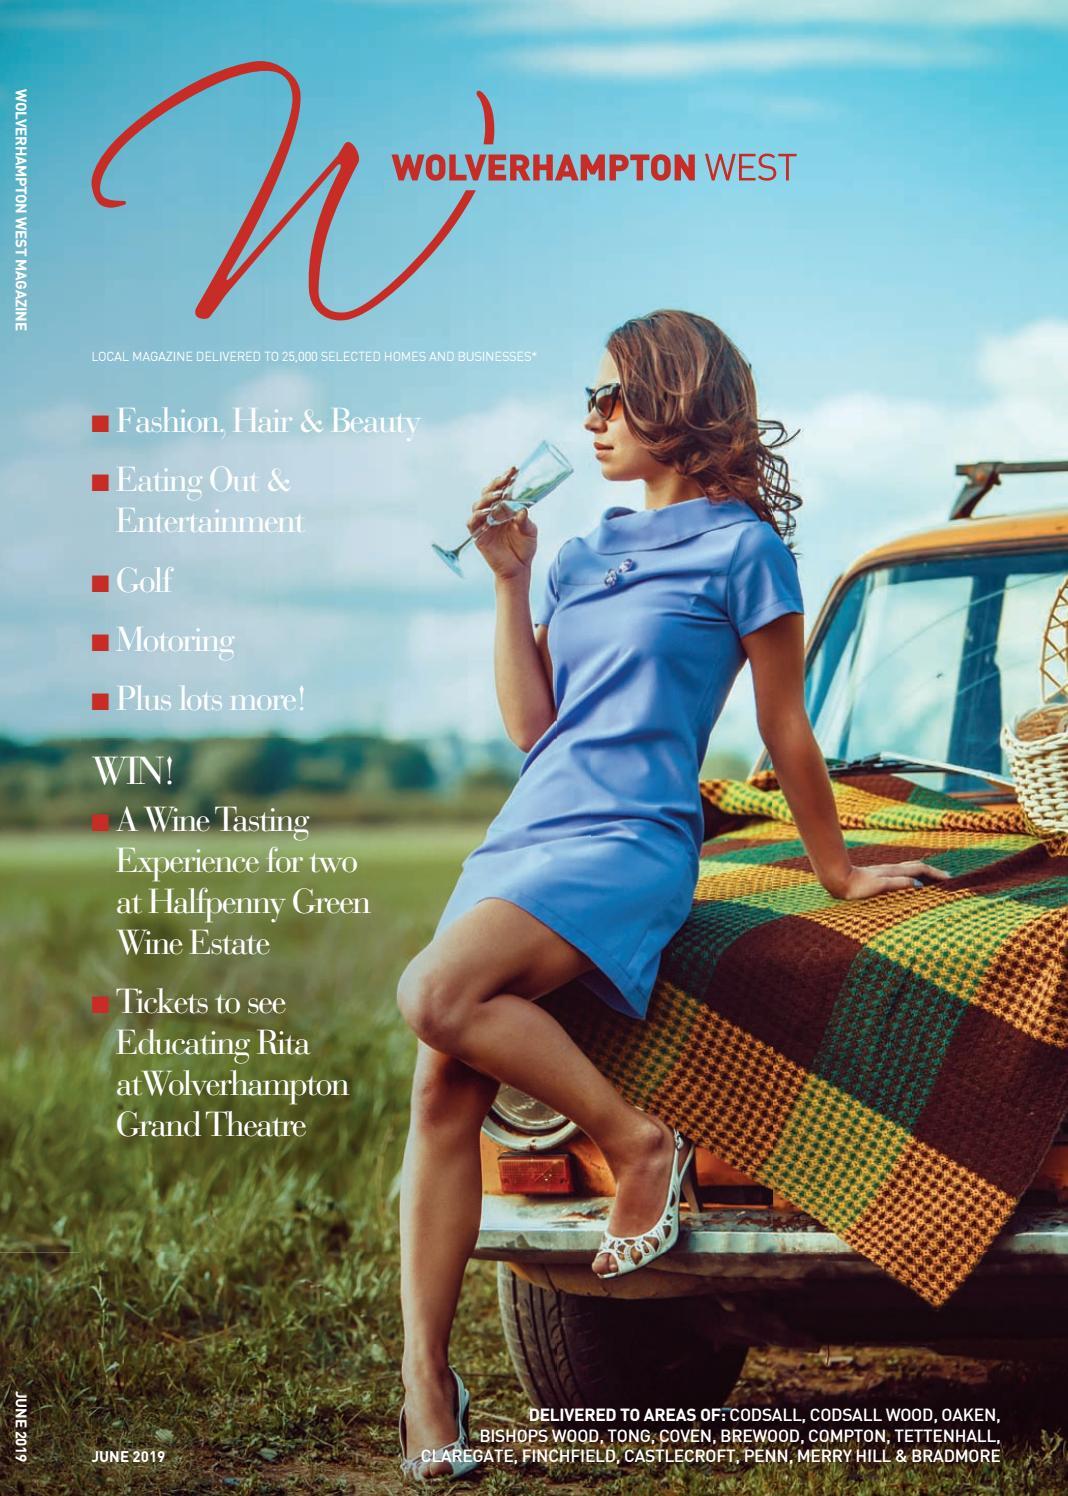 Wolverhampton West Magazine - June 2019 by Jonathon - issuu